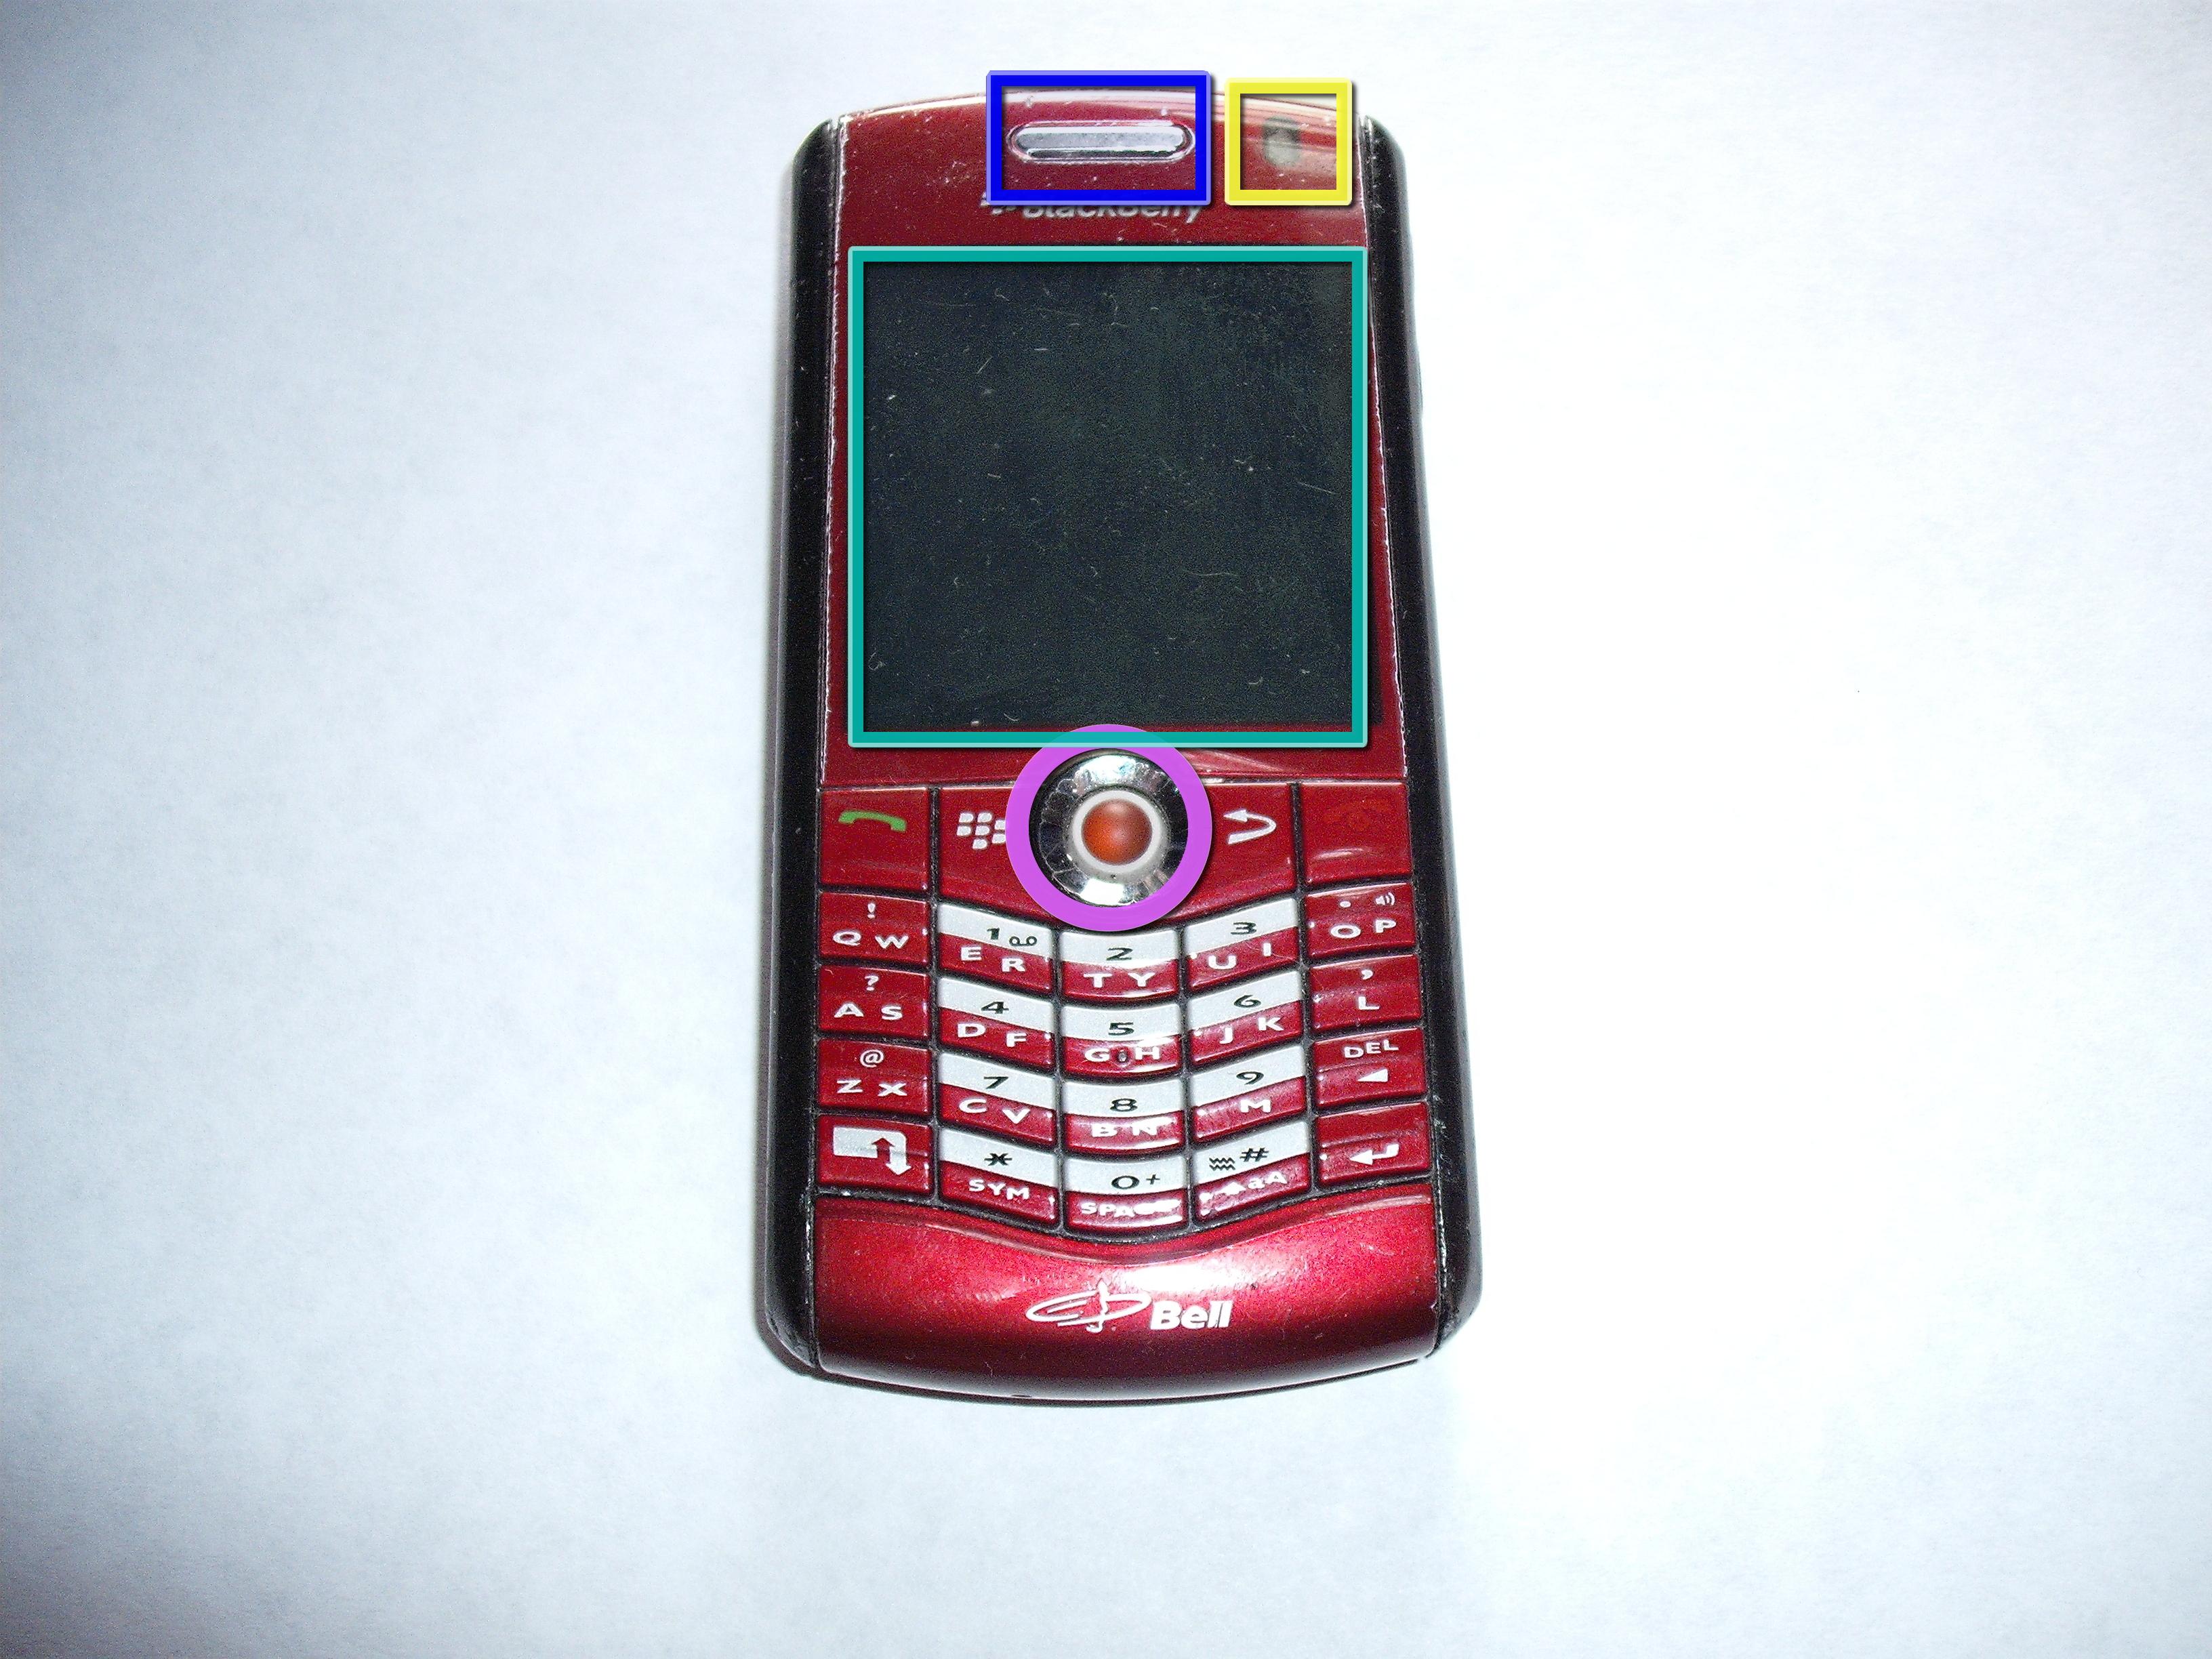 rim blackberry pearl 8130 teardown ifixit rh ifixit com BlackBerry 8130 User Guide BlackBerry 8130 User Guide